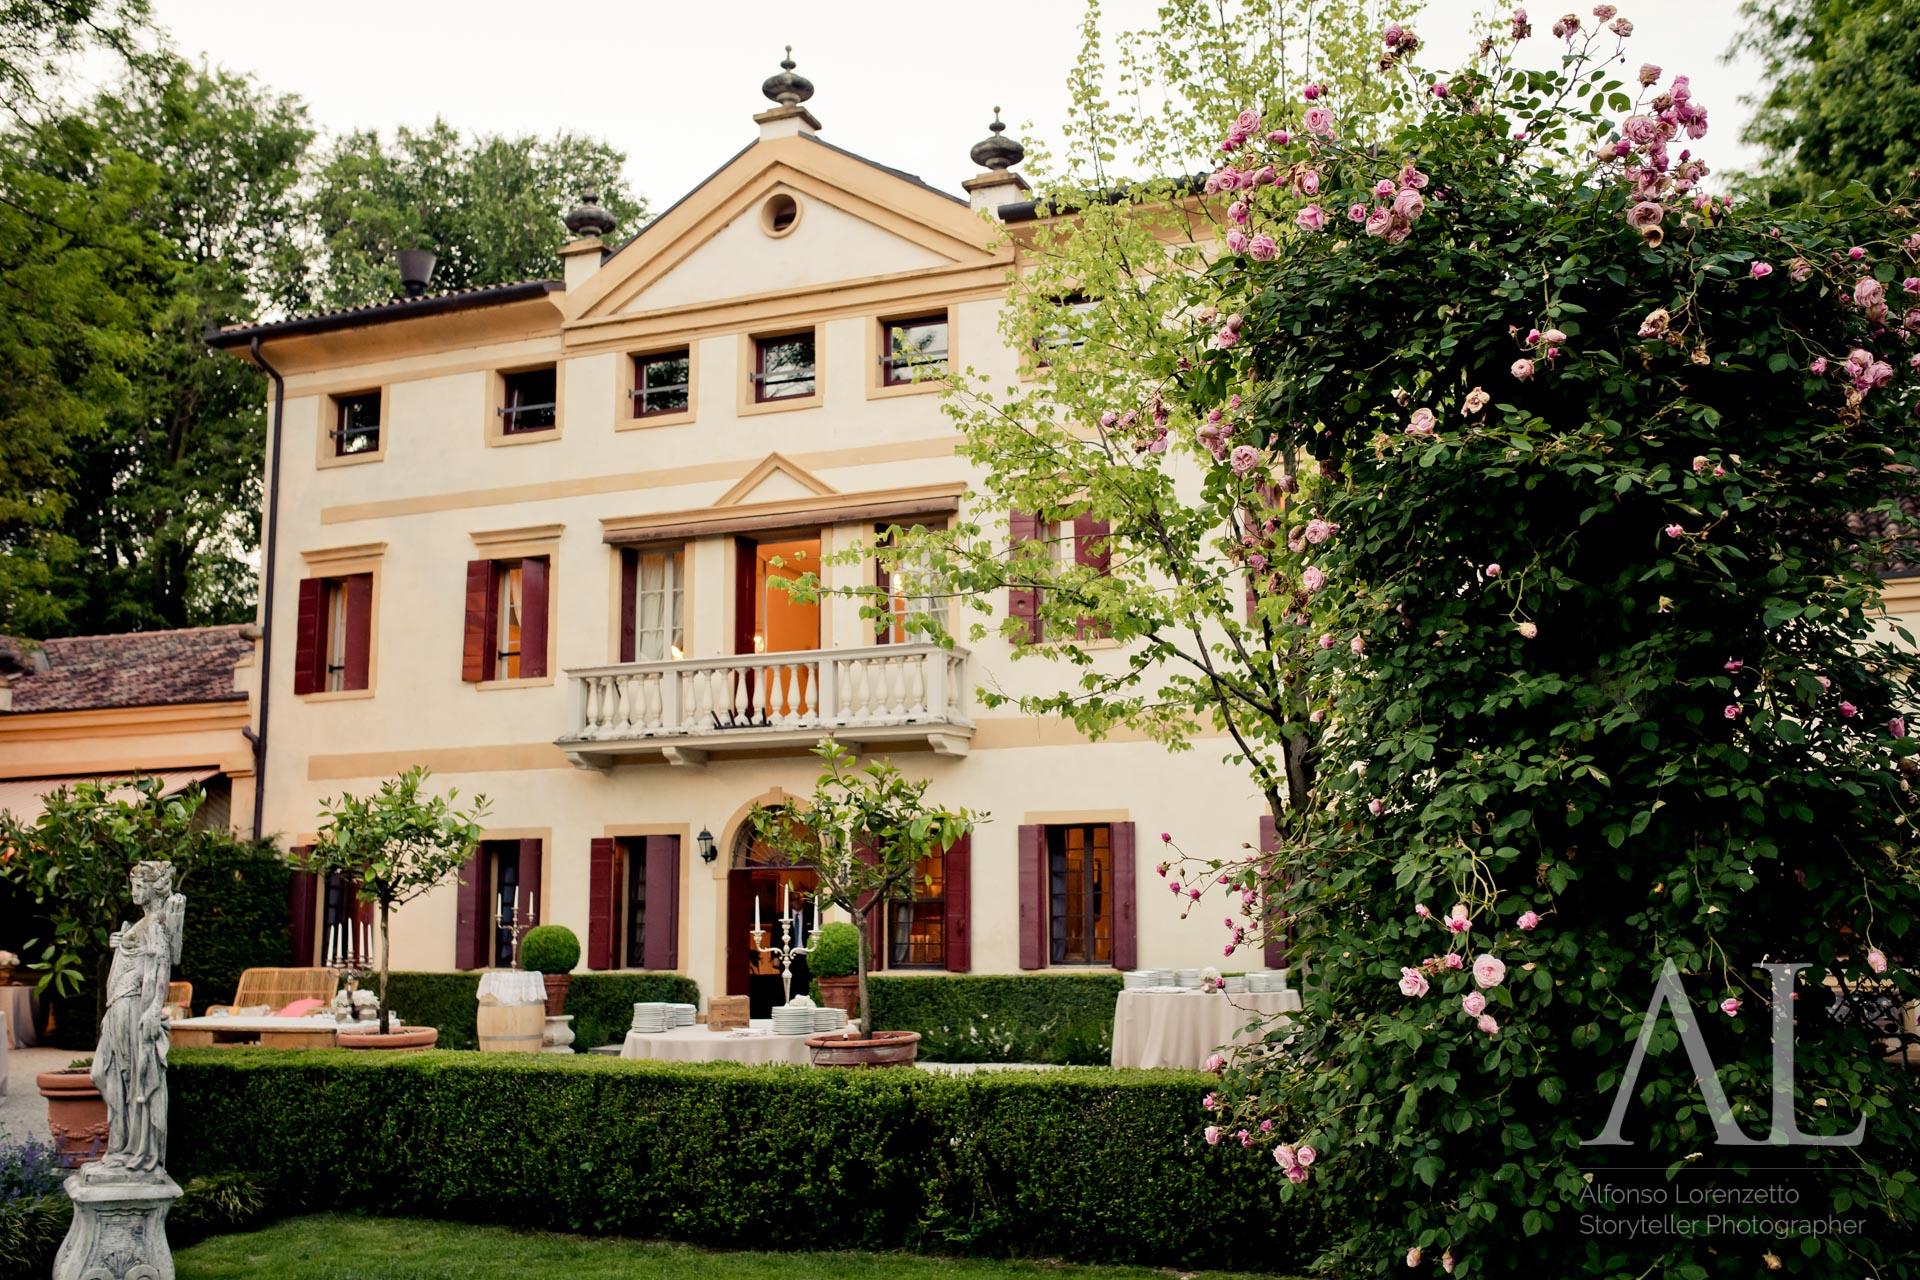 Matrimonio in villa: le 5 ville venete perfette per il tuo ricevimento